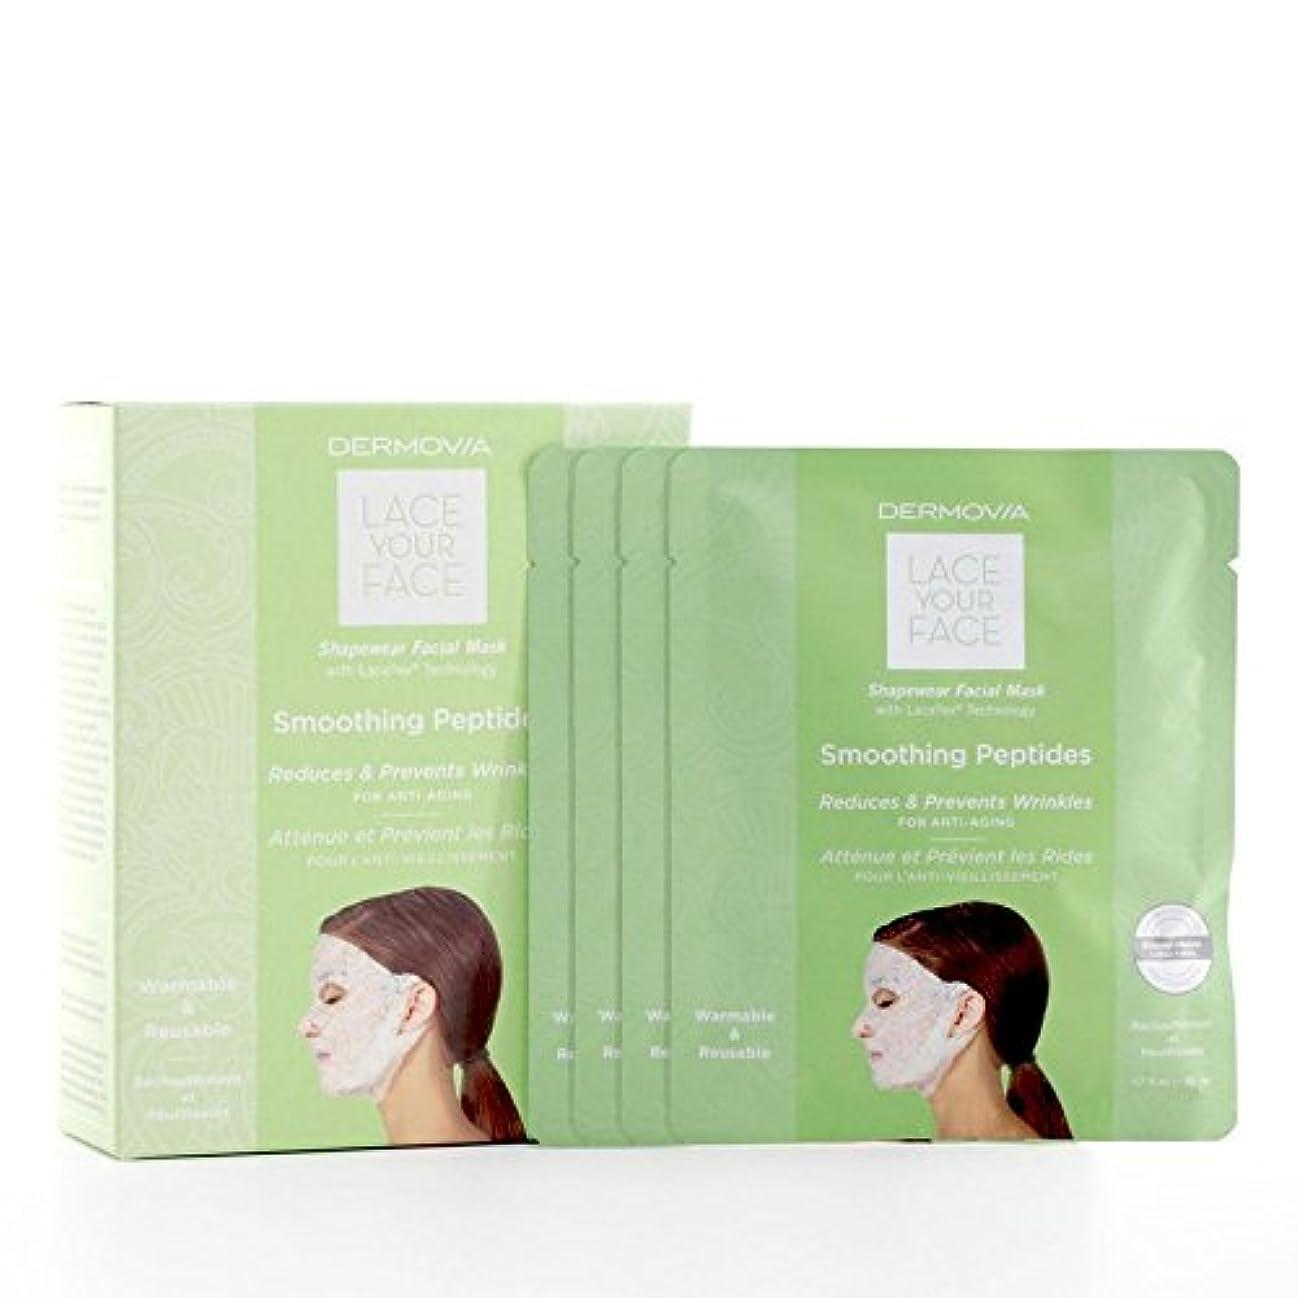 巨大忠実にぜいたくは、あなたの顔の圧縮フェイシャルマスク平滑化ペプチドをひもで締めます x4 - Dermovia Lace Your Face Compression Facial Mask Smoothing Peptides (Pack of 4) [並行輸入品]